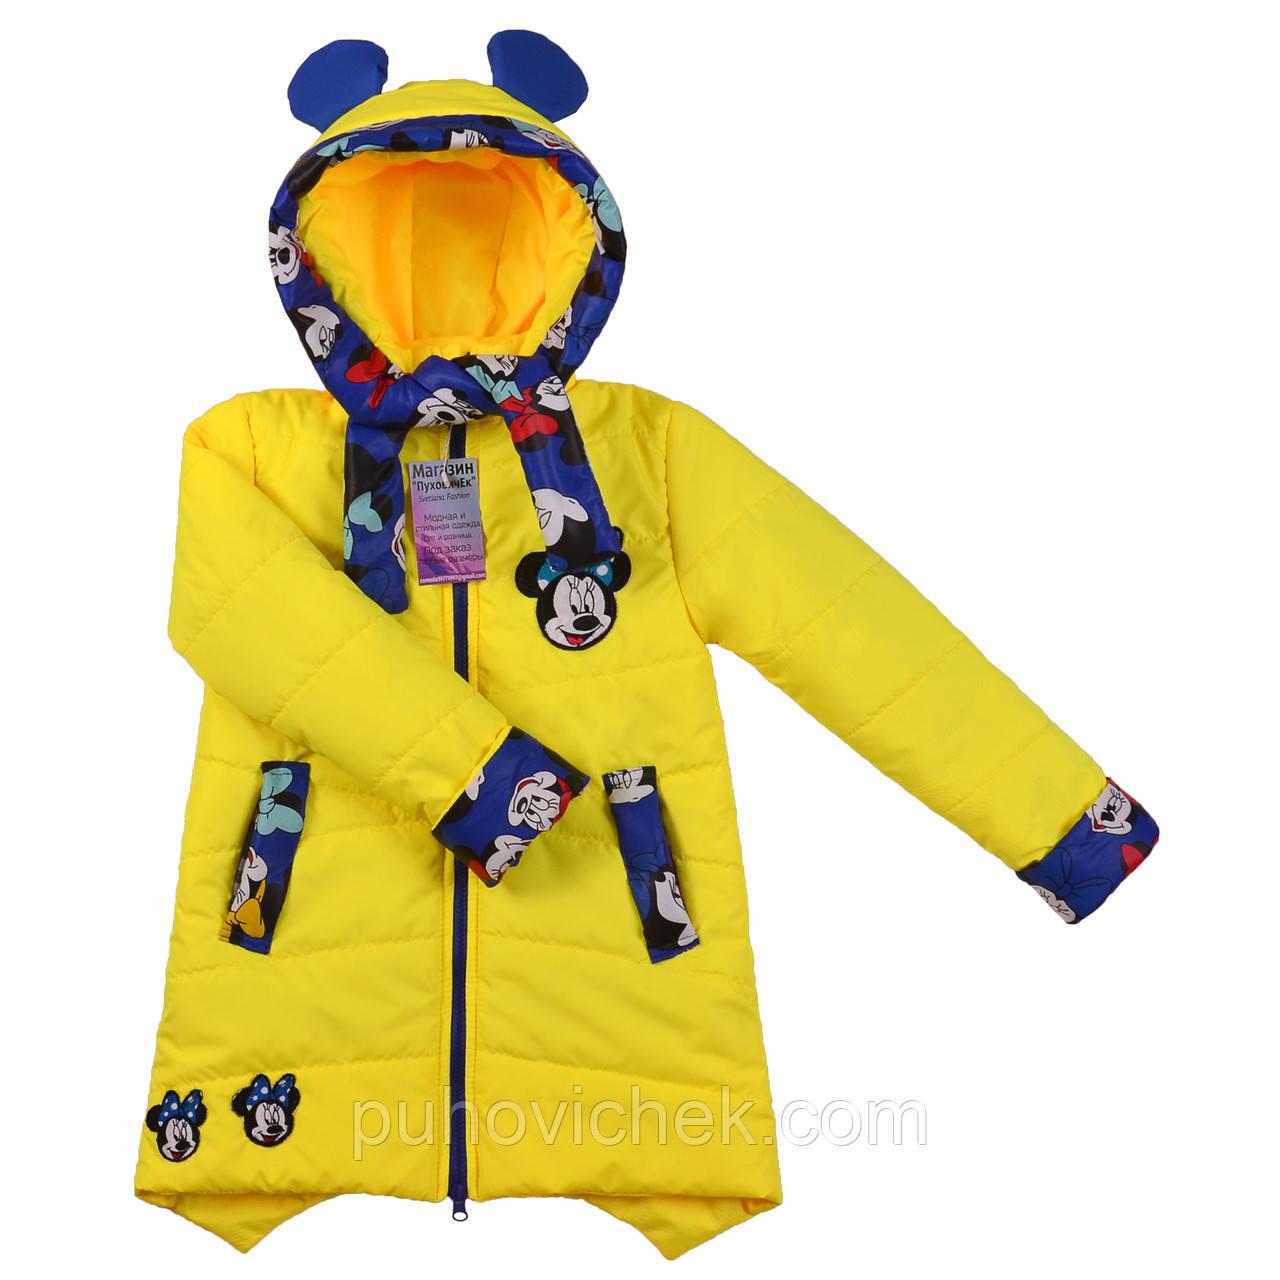 Яркие куртки для девочек с Микки маусами